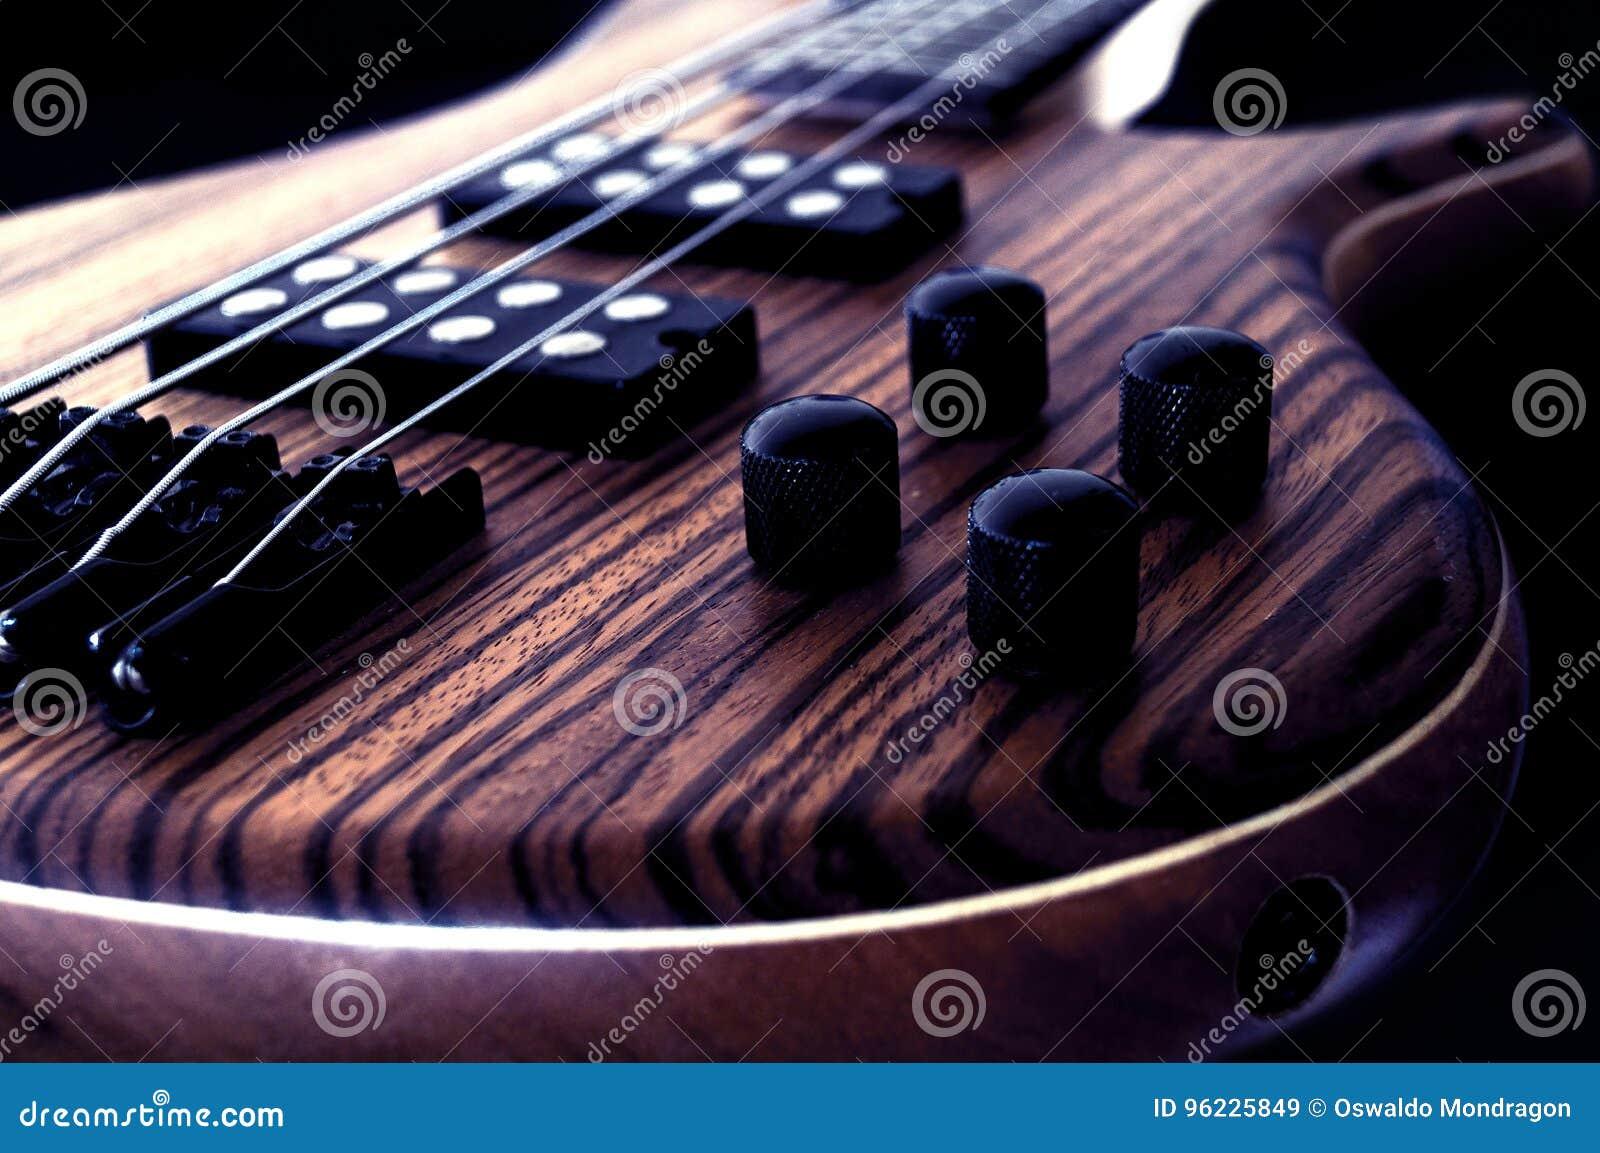 För dubai för 2011 band utföra för macy för jazz för bas- gitarr festival grå internationellt